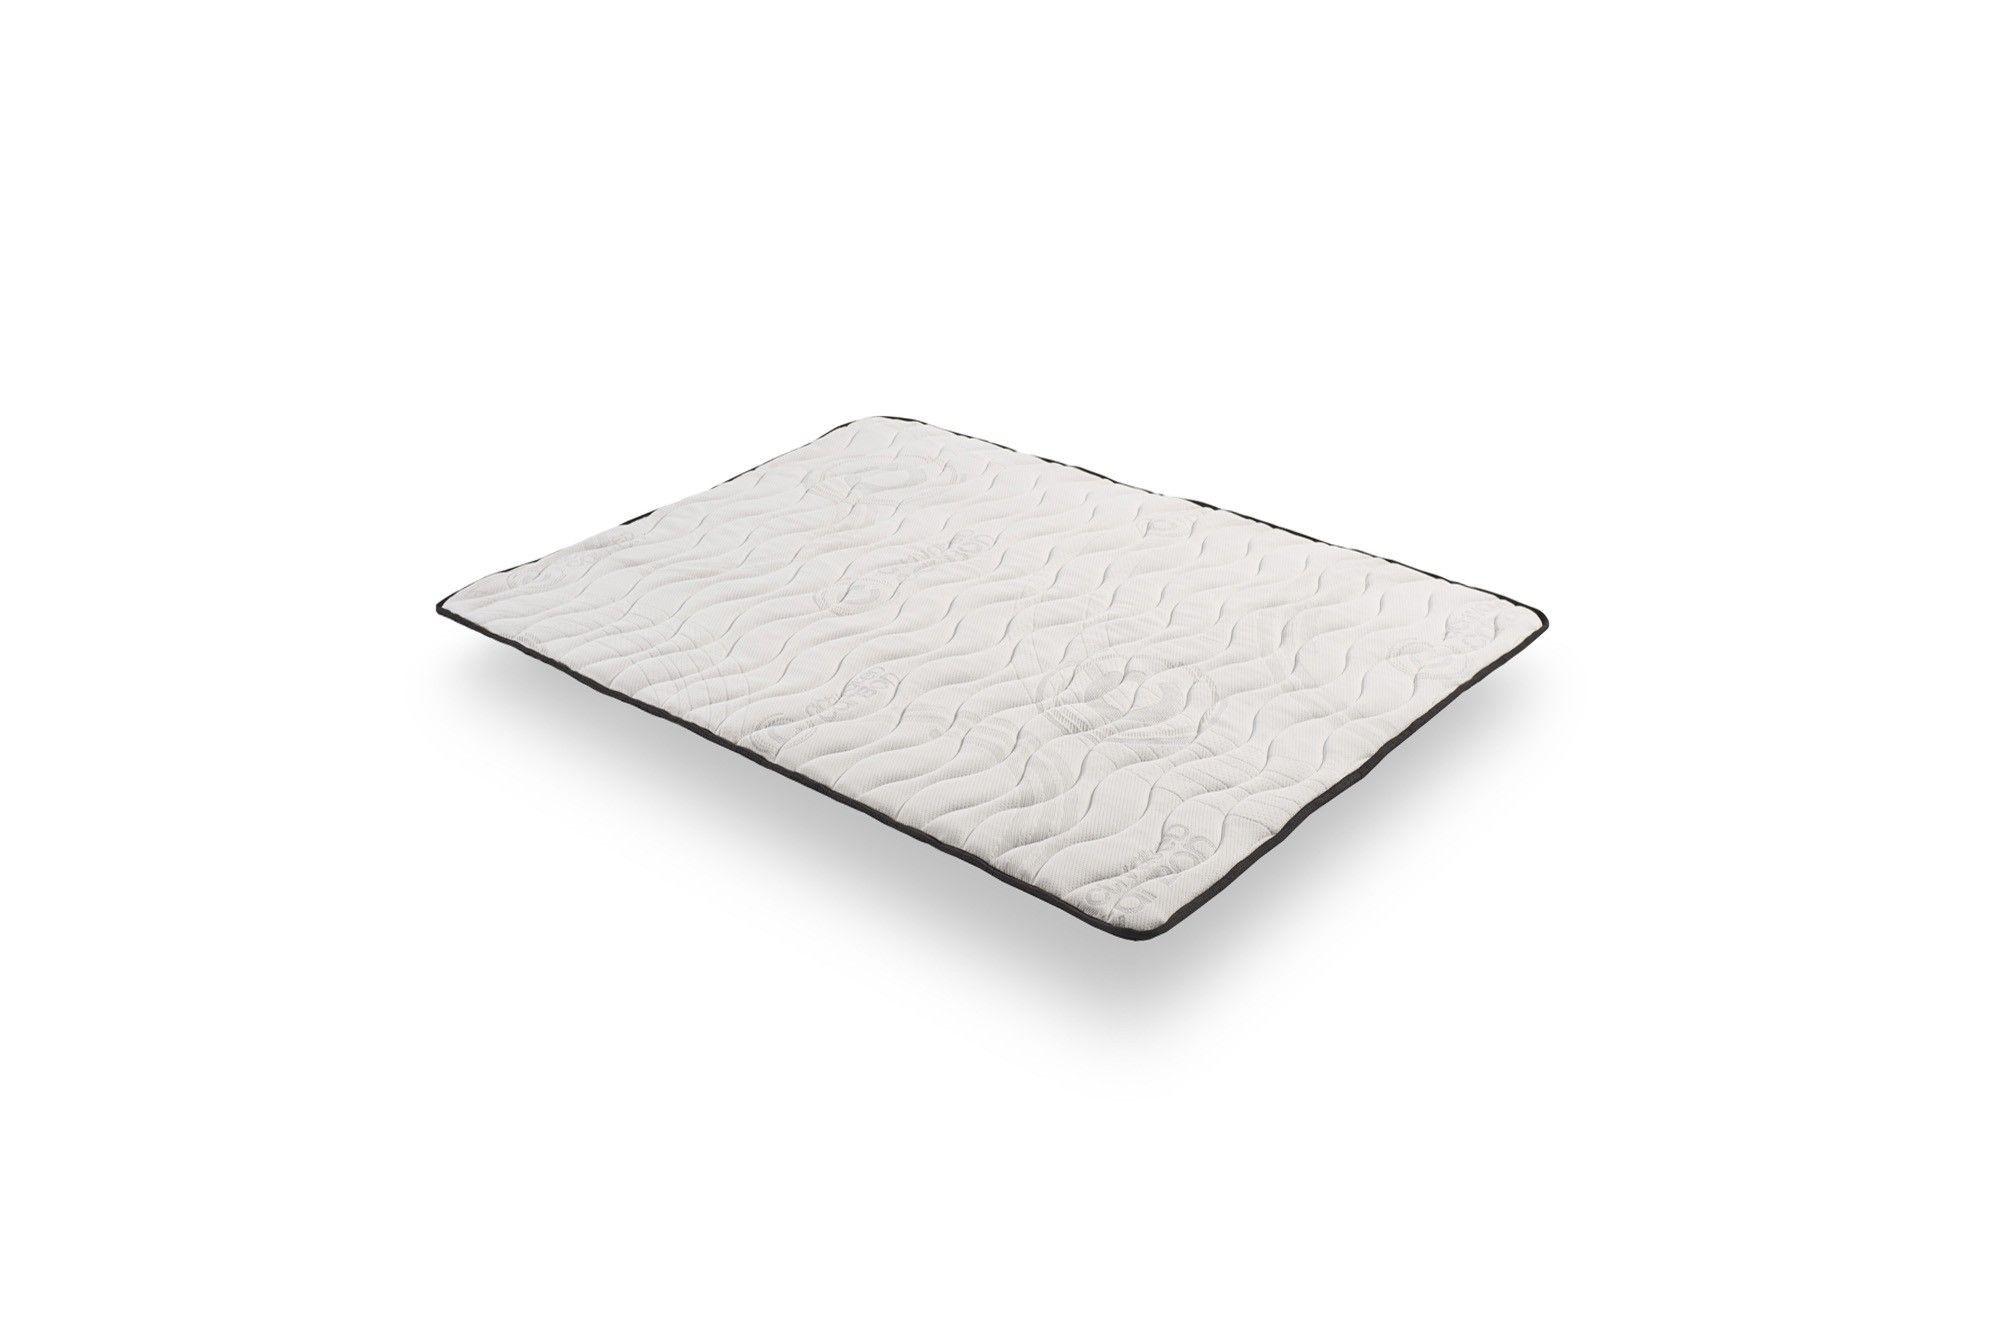 Sur-matelas TOPPER CARBON technologie Carbon Actif Latex et Blue Latex® Bi-Densité | Cosmos® Bedding